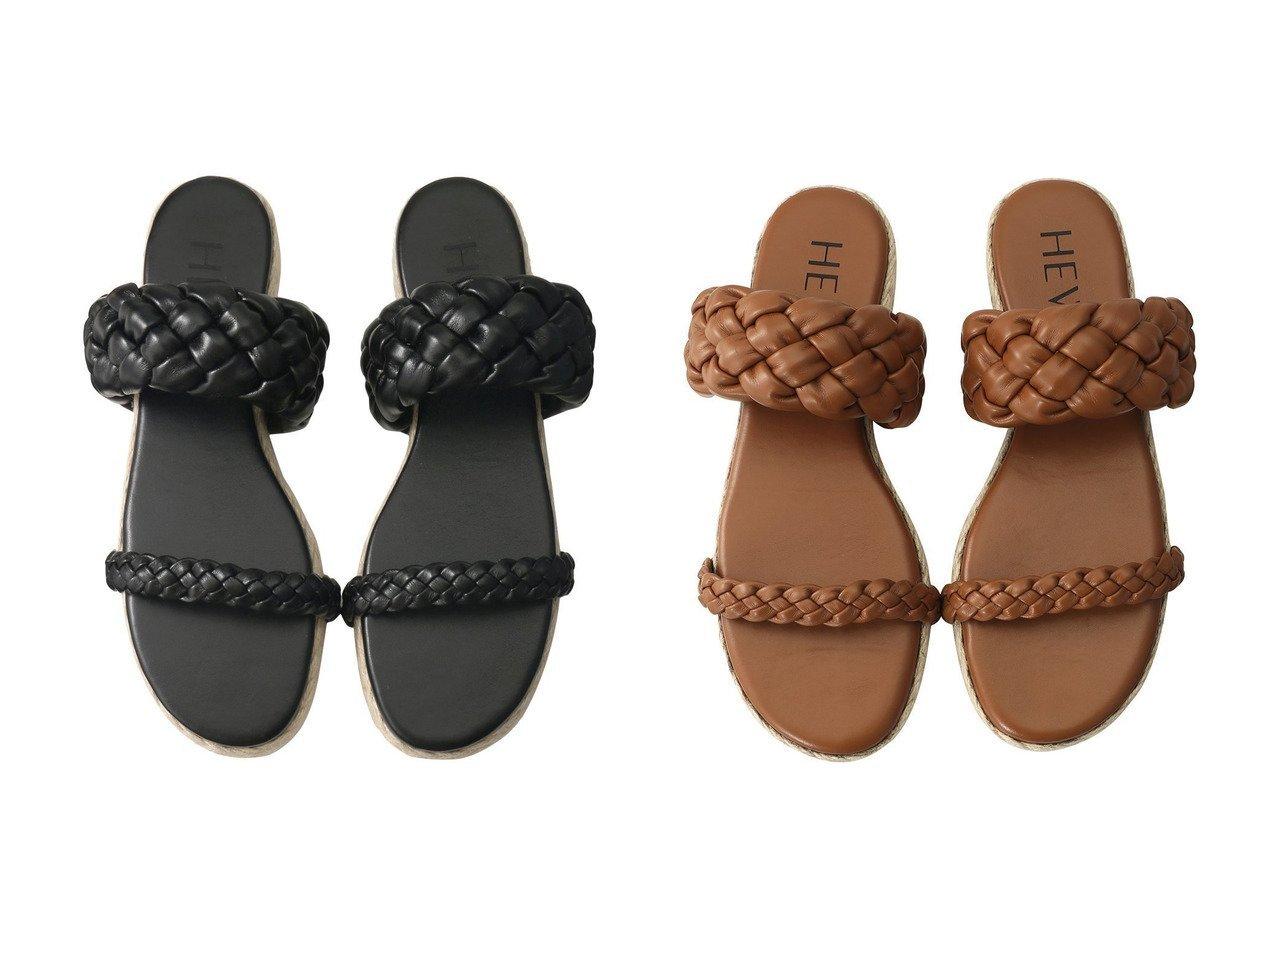 【HEWN/ヒューン】のブレードストラップエスパドリーユ シューズ・靴のおすすめ!人気、トレンド・レディースファッションの通販 おすすめで人気の流行・トレンド、ファッションの通販商品 メンズファッション・キッズファッション・インテリア・家具・レディースファッション・服の通販 founy(ファニー) https://founy.com/ ファッション Fashion レディースファッション WOMEN 2021年 2021 2021 春夏 S/S SS Spring/Summer 2021 S/S 春夏 SS Spring/Summer サンダル フラット ラップ 再入荷 Restock/Back in Stock/Re Arrival 厚底 春 Spring |ID:crp329100000025318